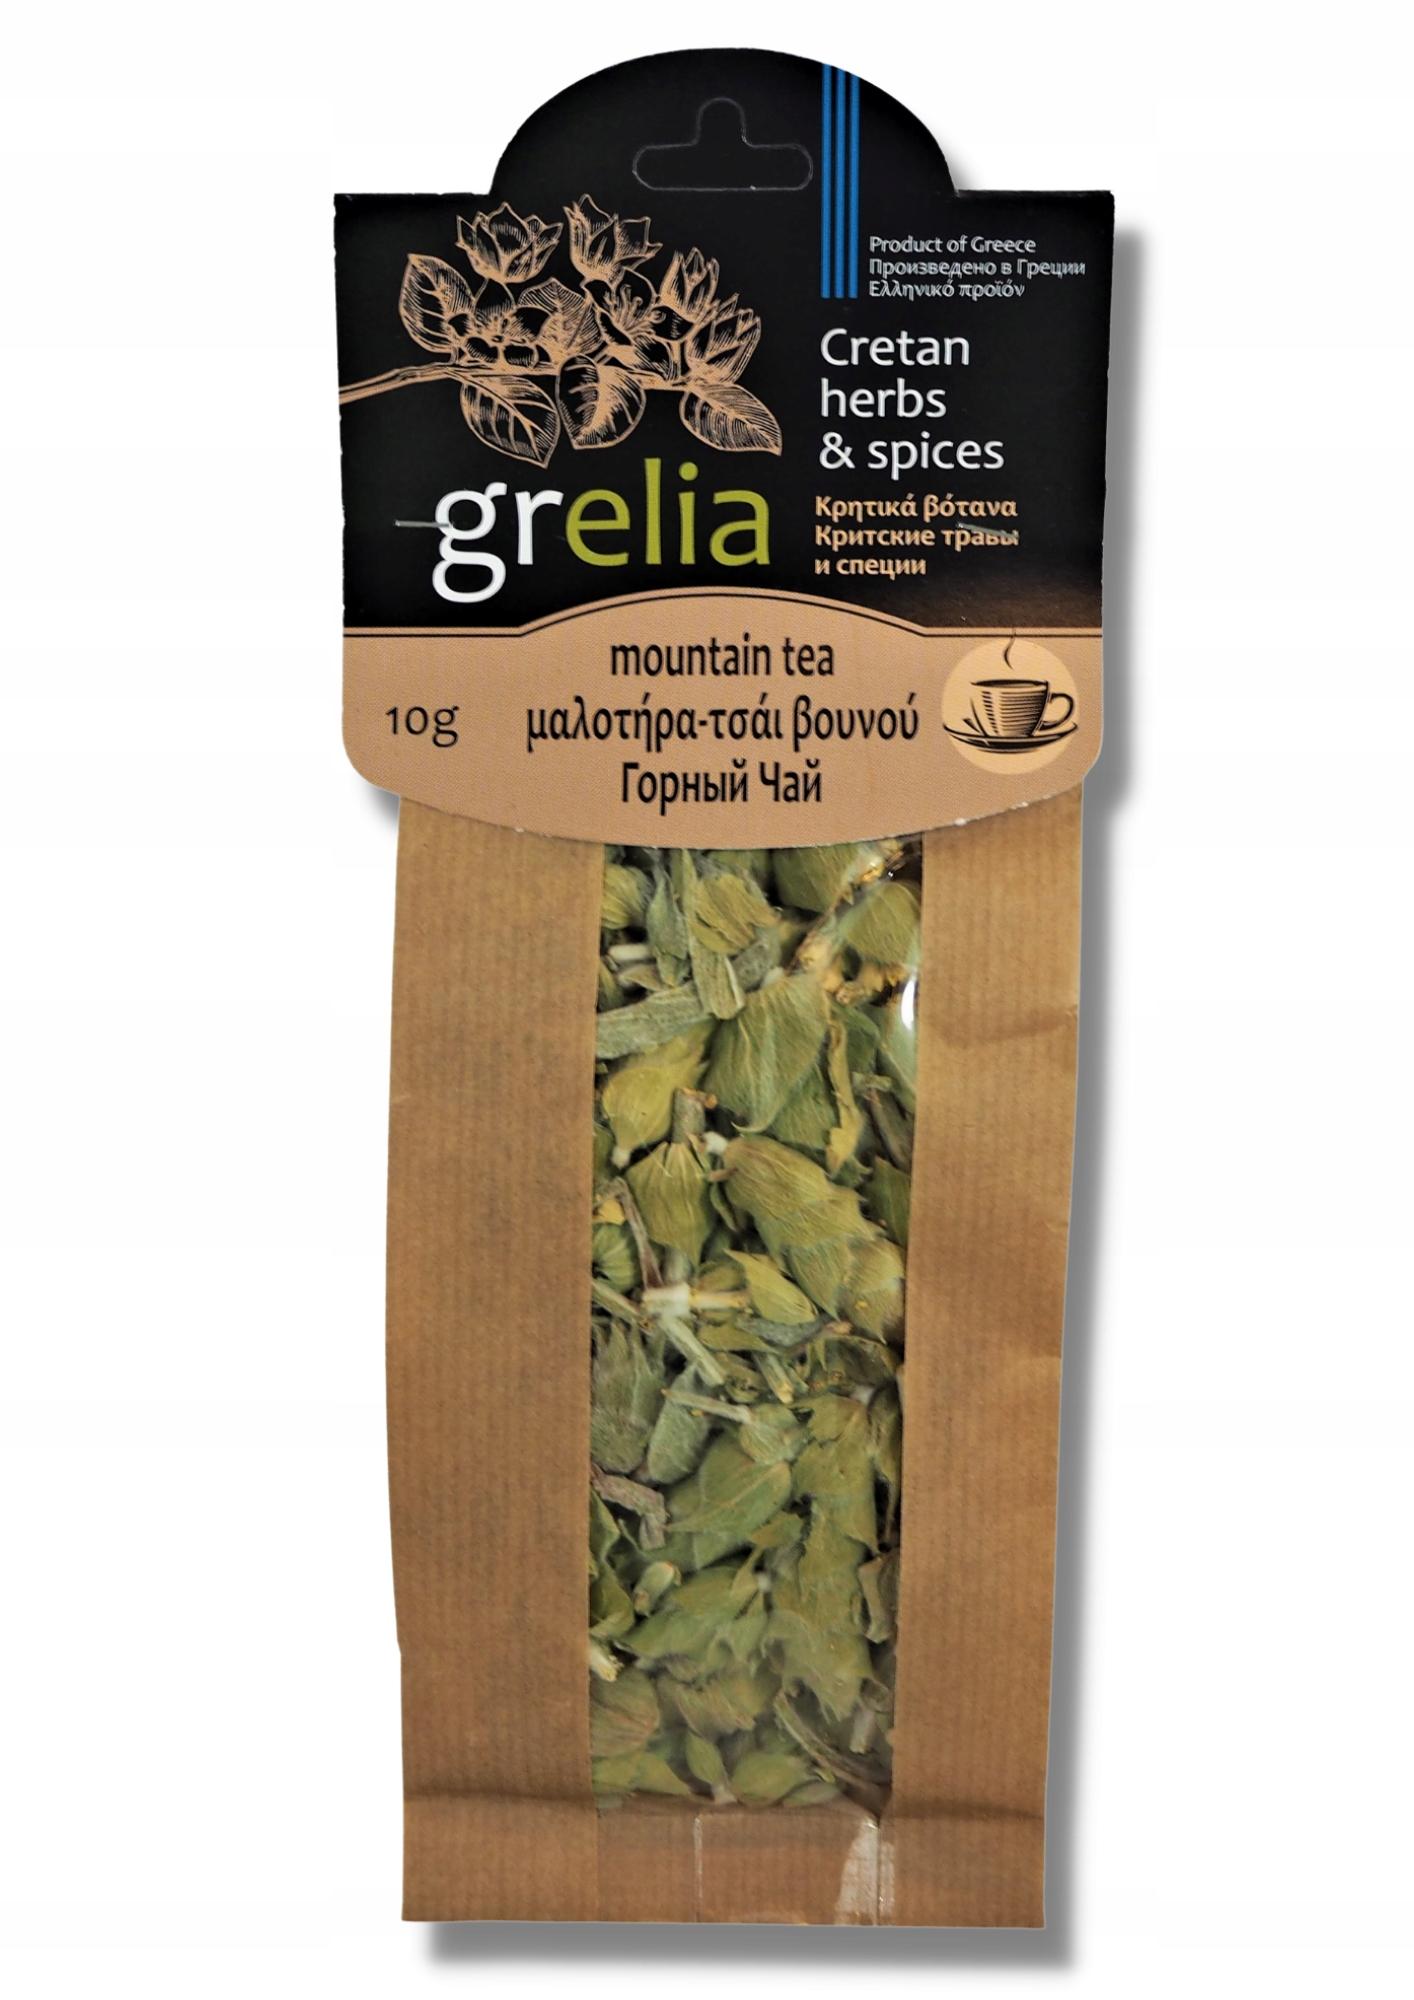 Гойник (Сидерит) - греческий горный чай - 10гр.